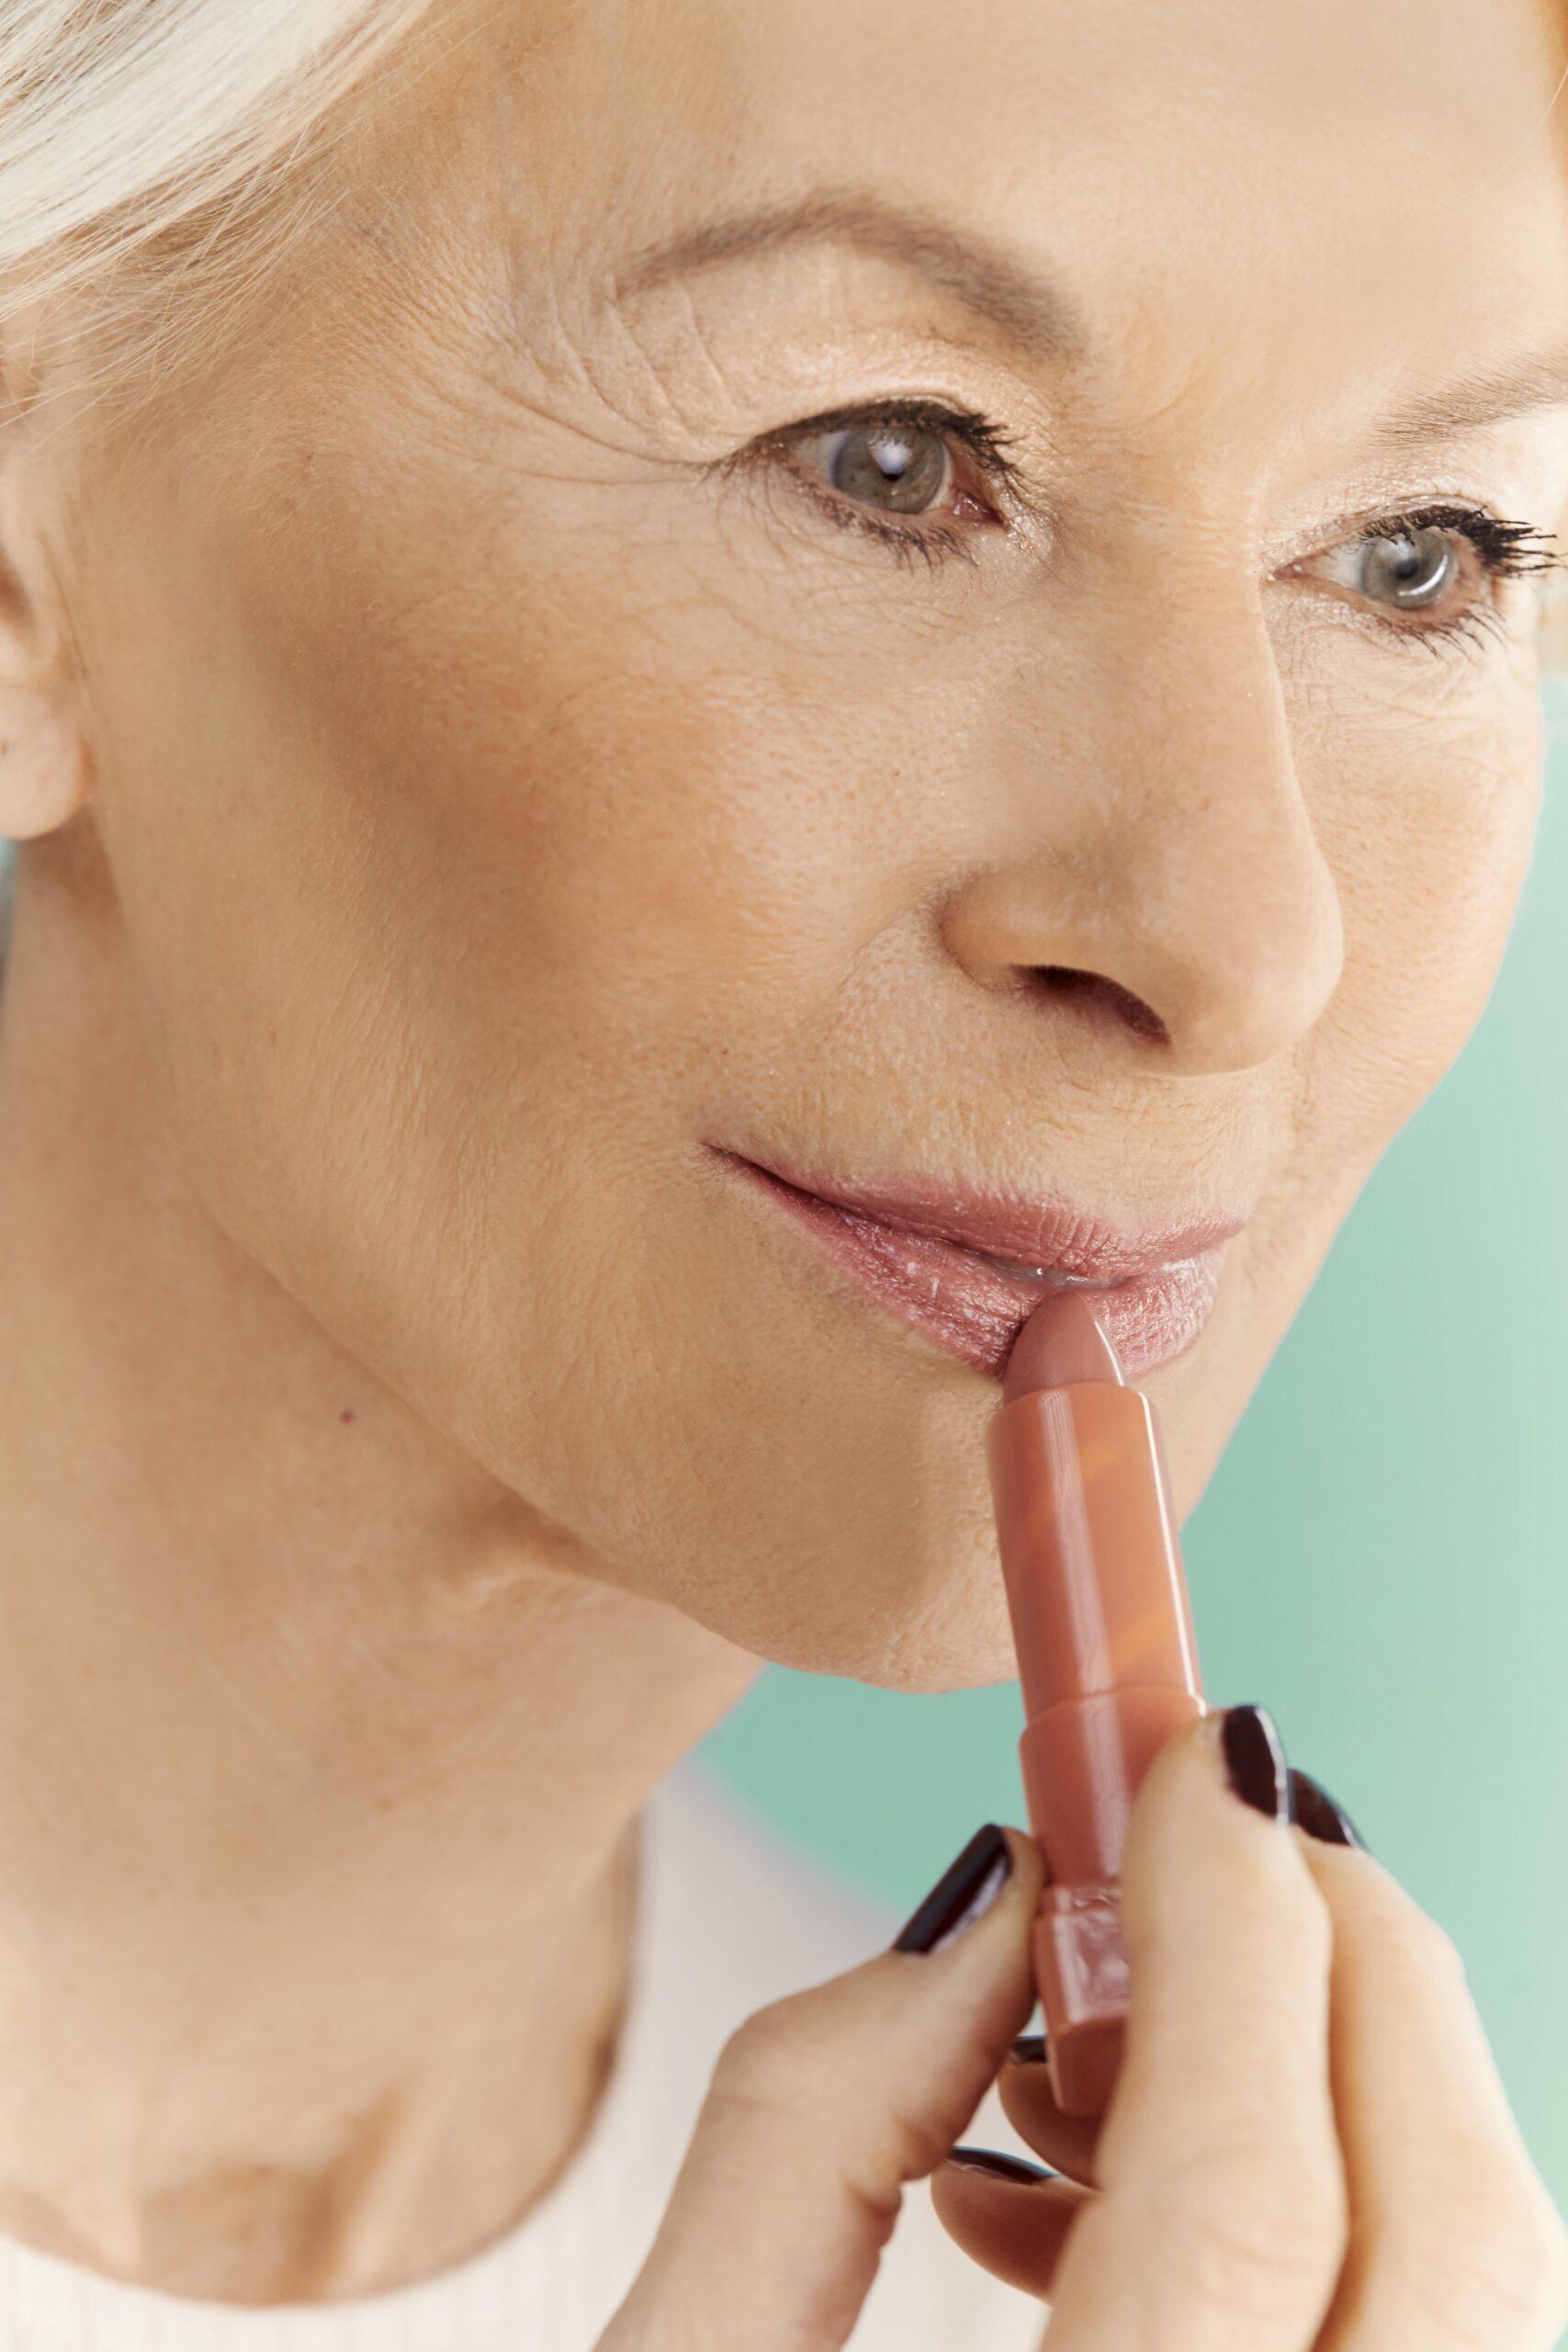 Ulli Hohmann-Fischer Makeup 5